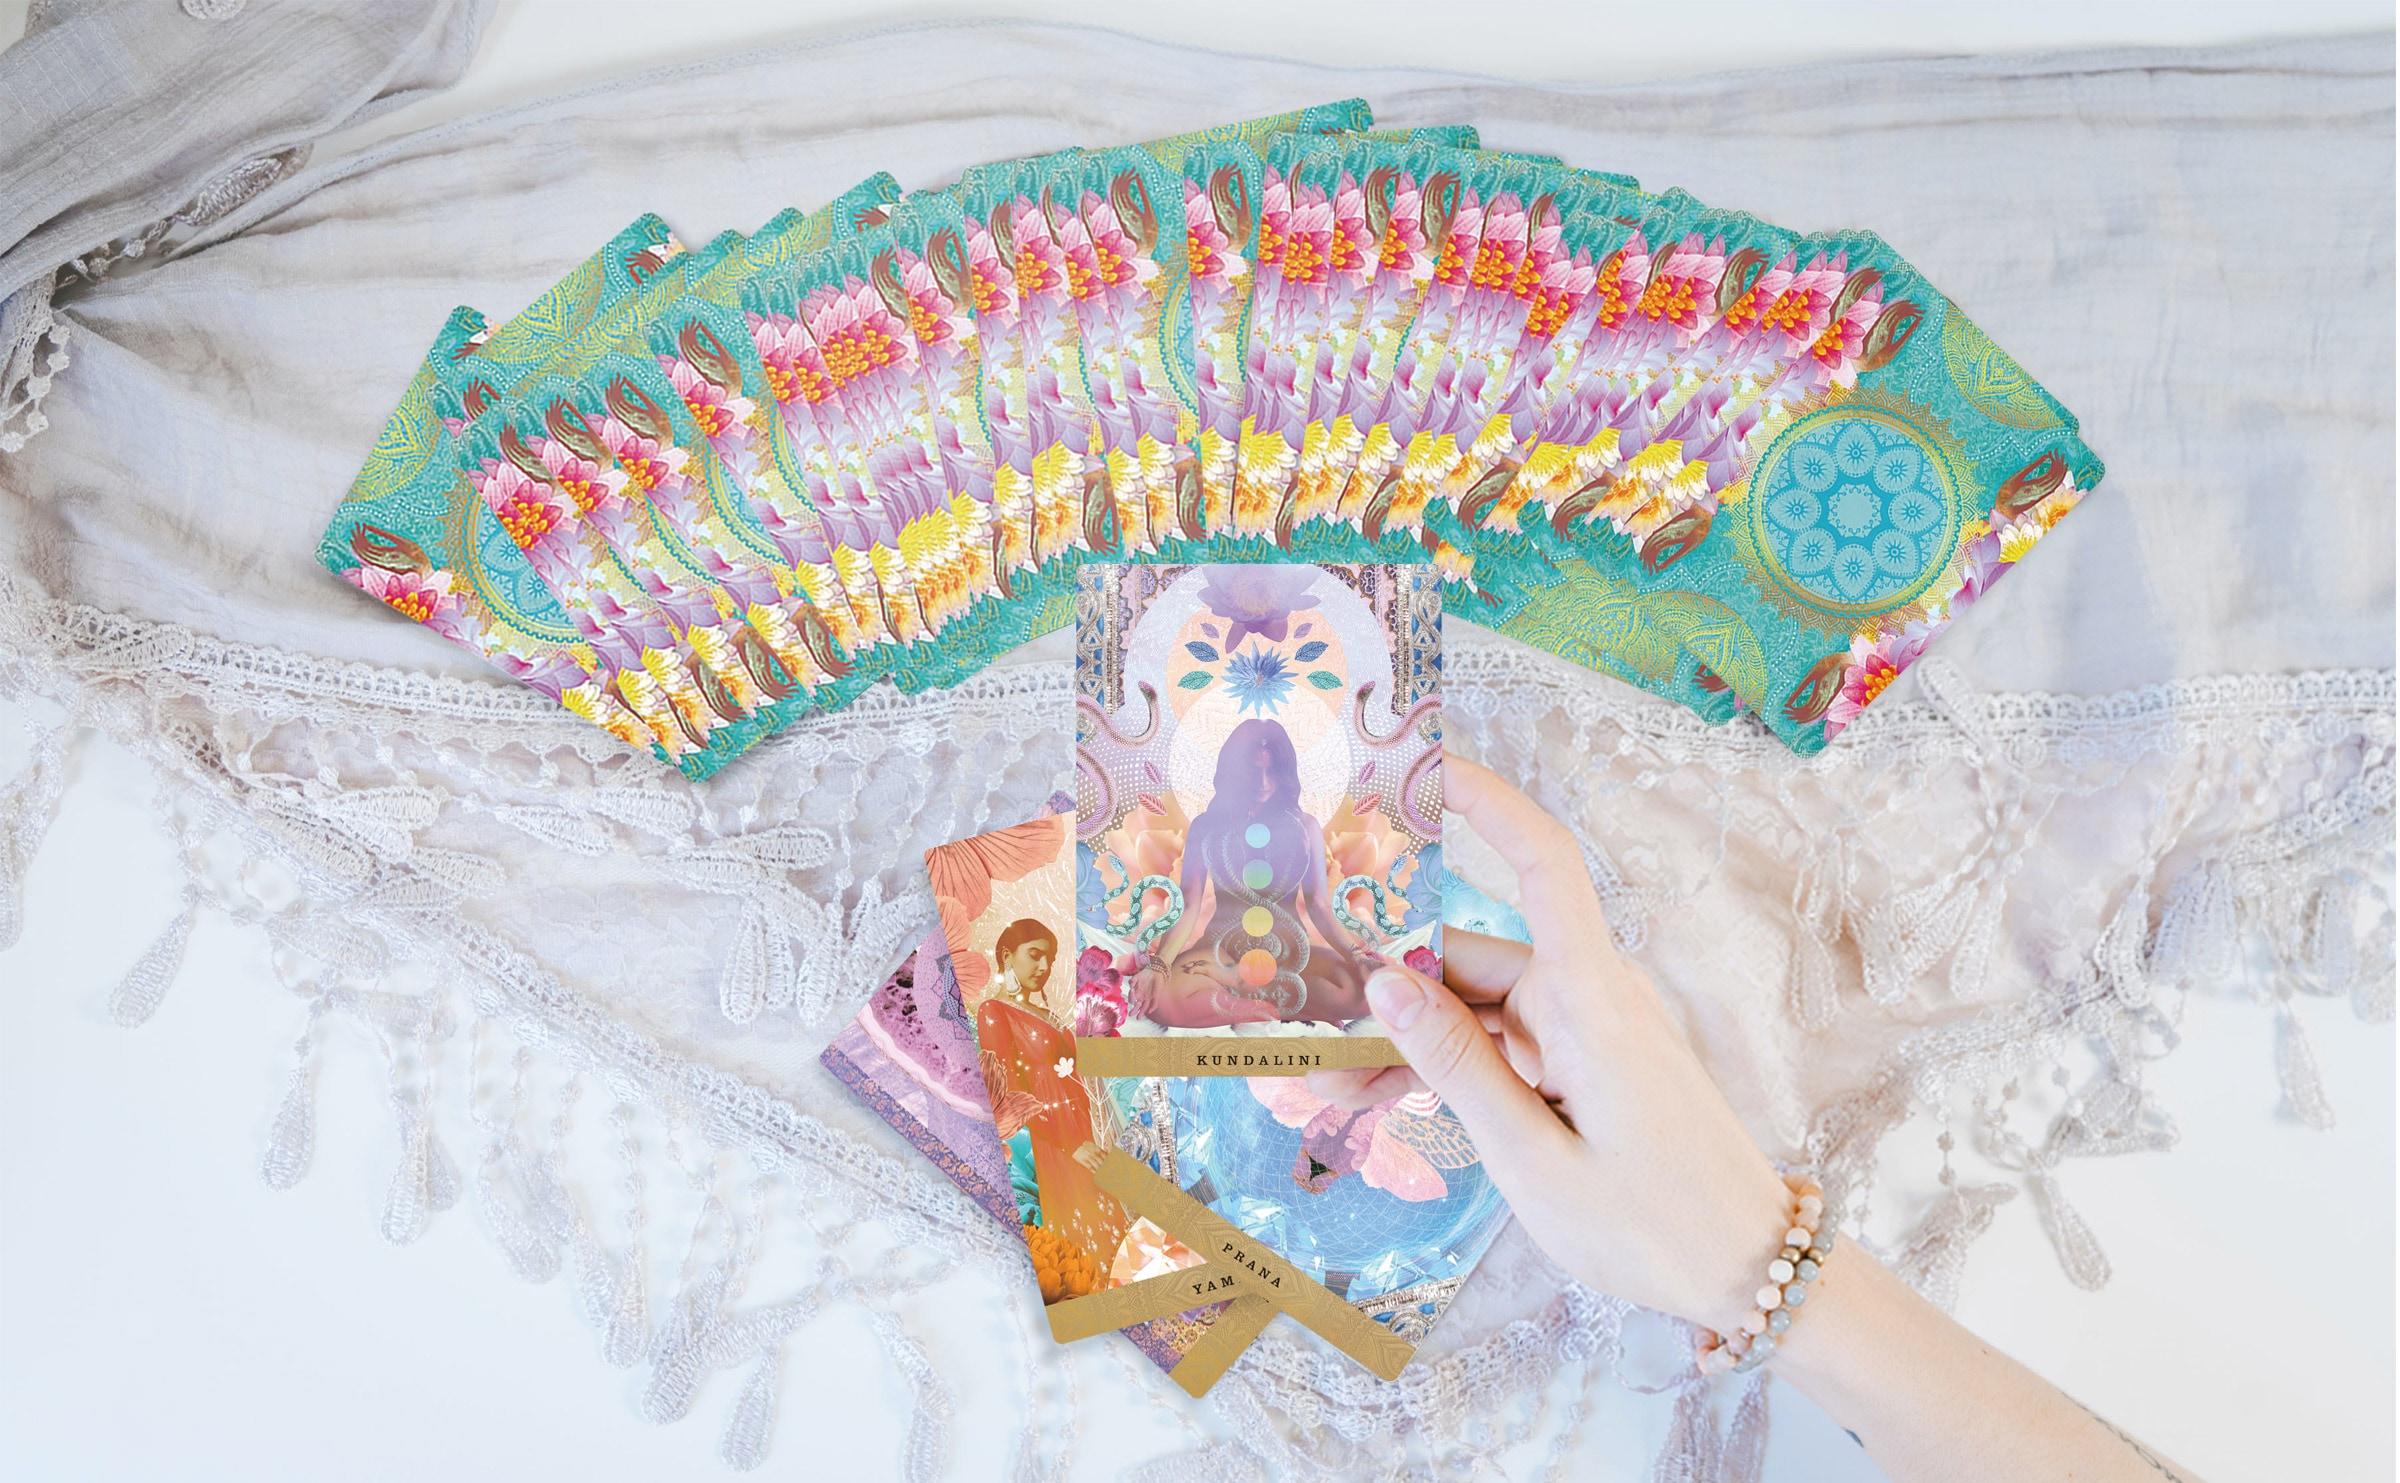 カードを構成する5つのカテゴリー